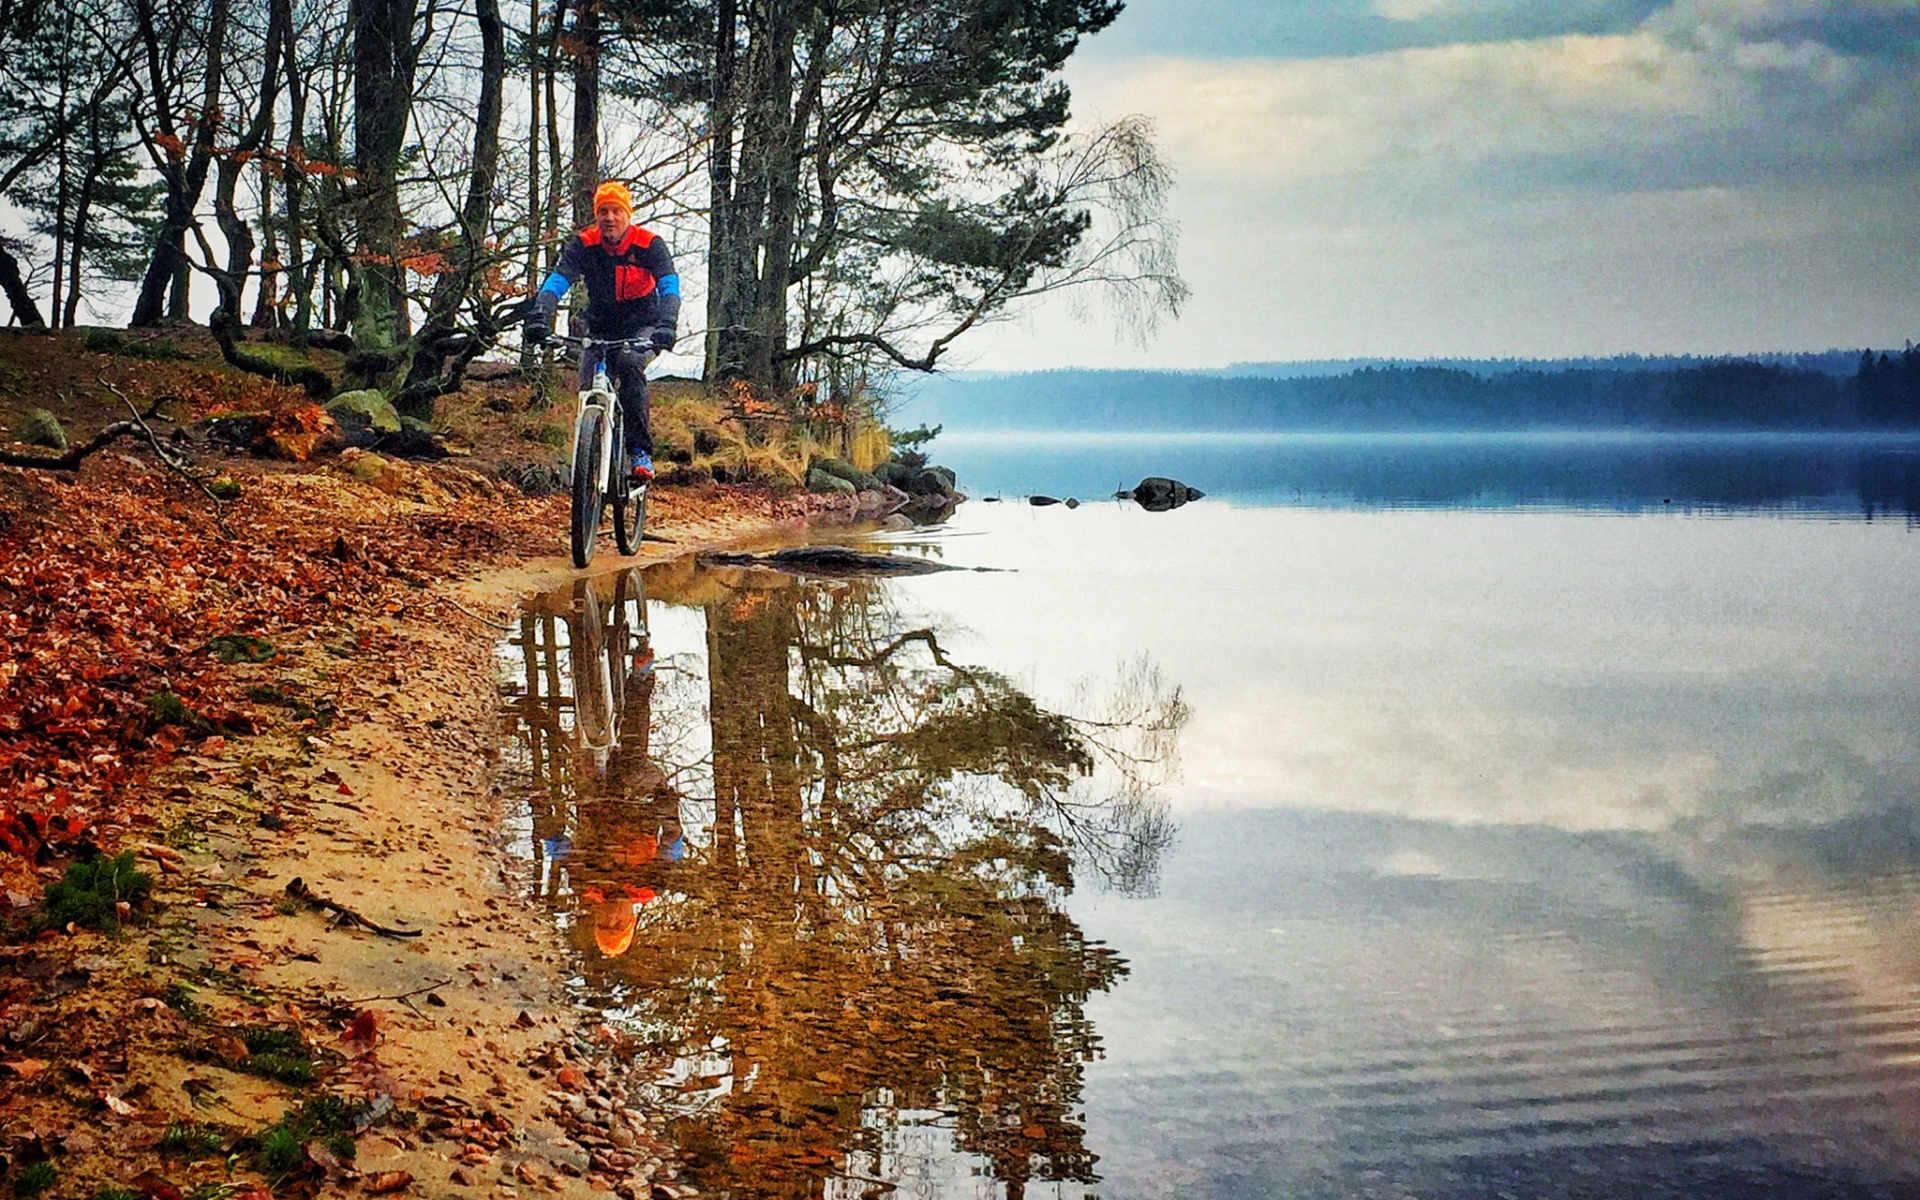 Radfahren in schöner Natur